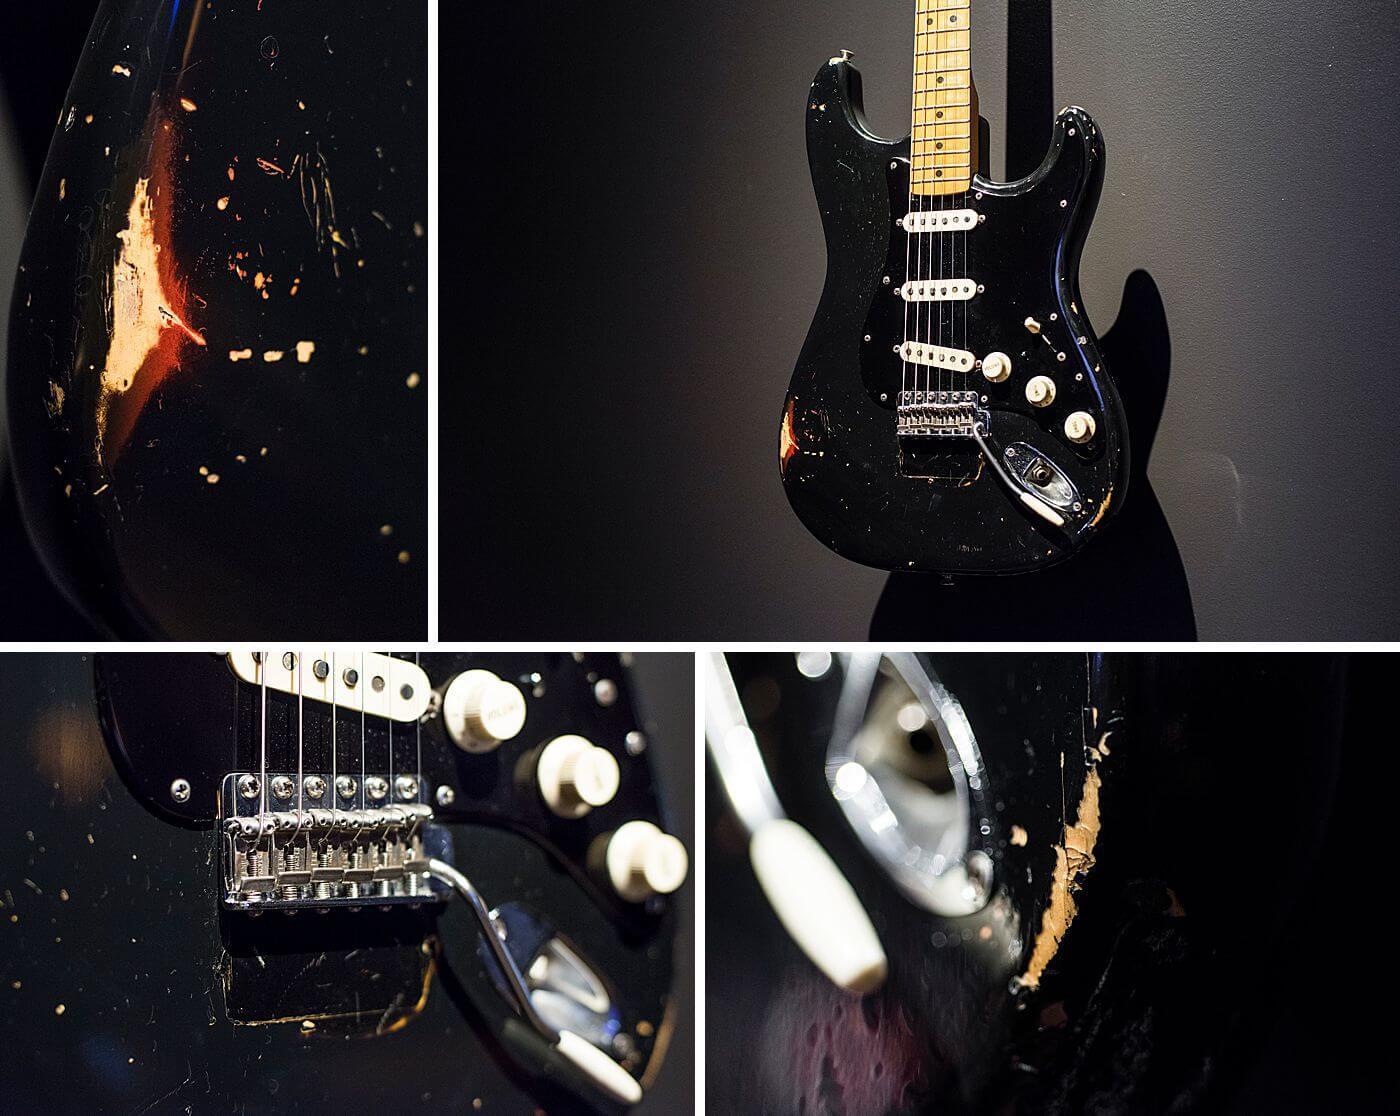 Chitarra elettrica di qualità Custom Aged / Relic DavidGuilmur Chitarra